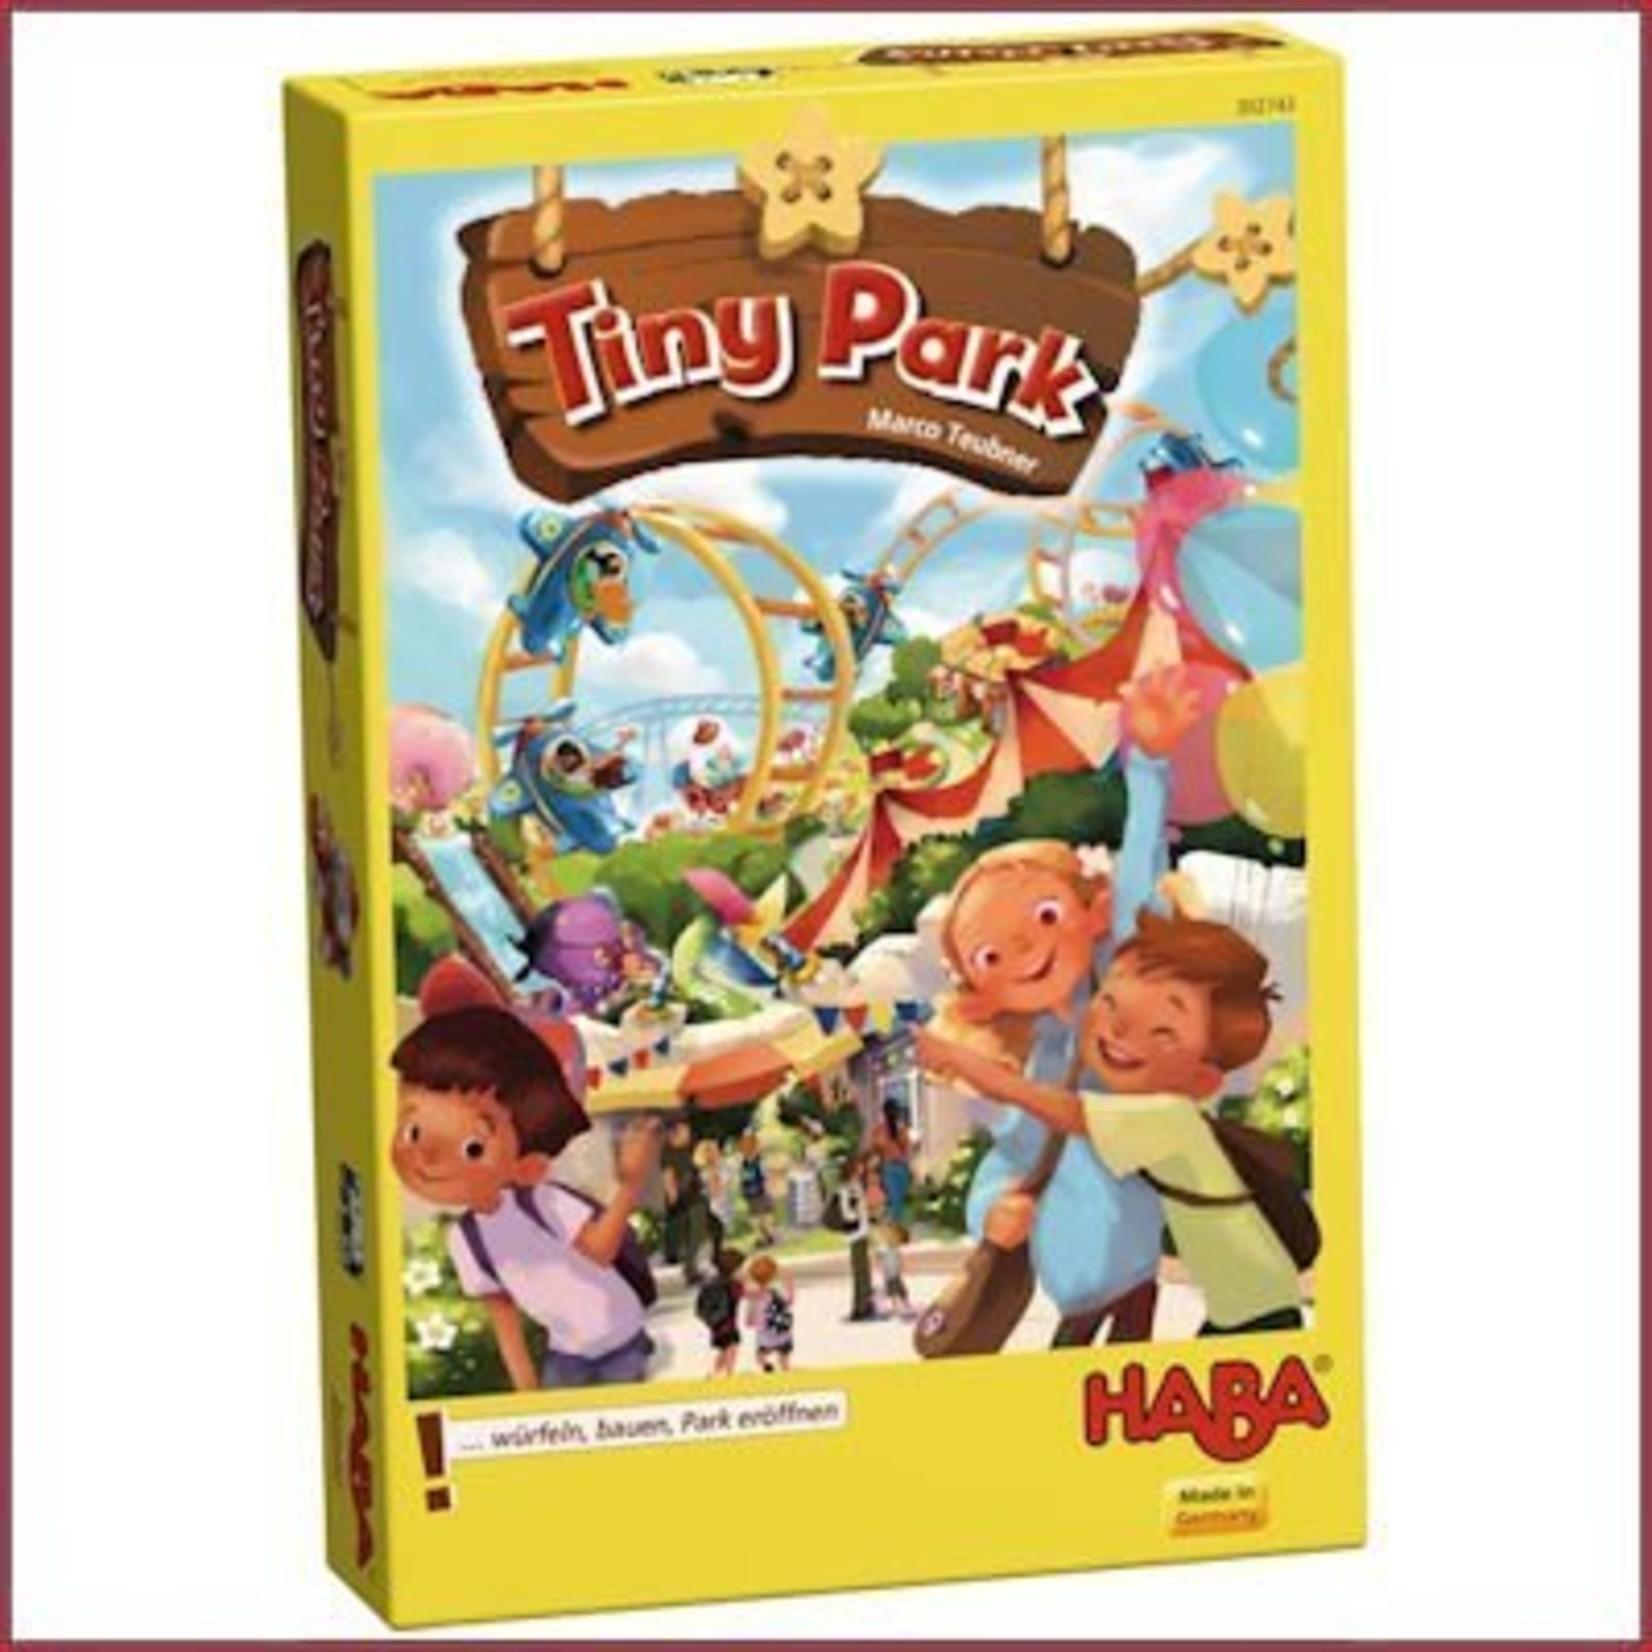 Haba Spel - Tiny Park